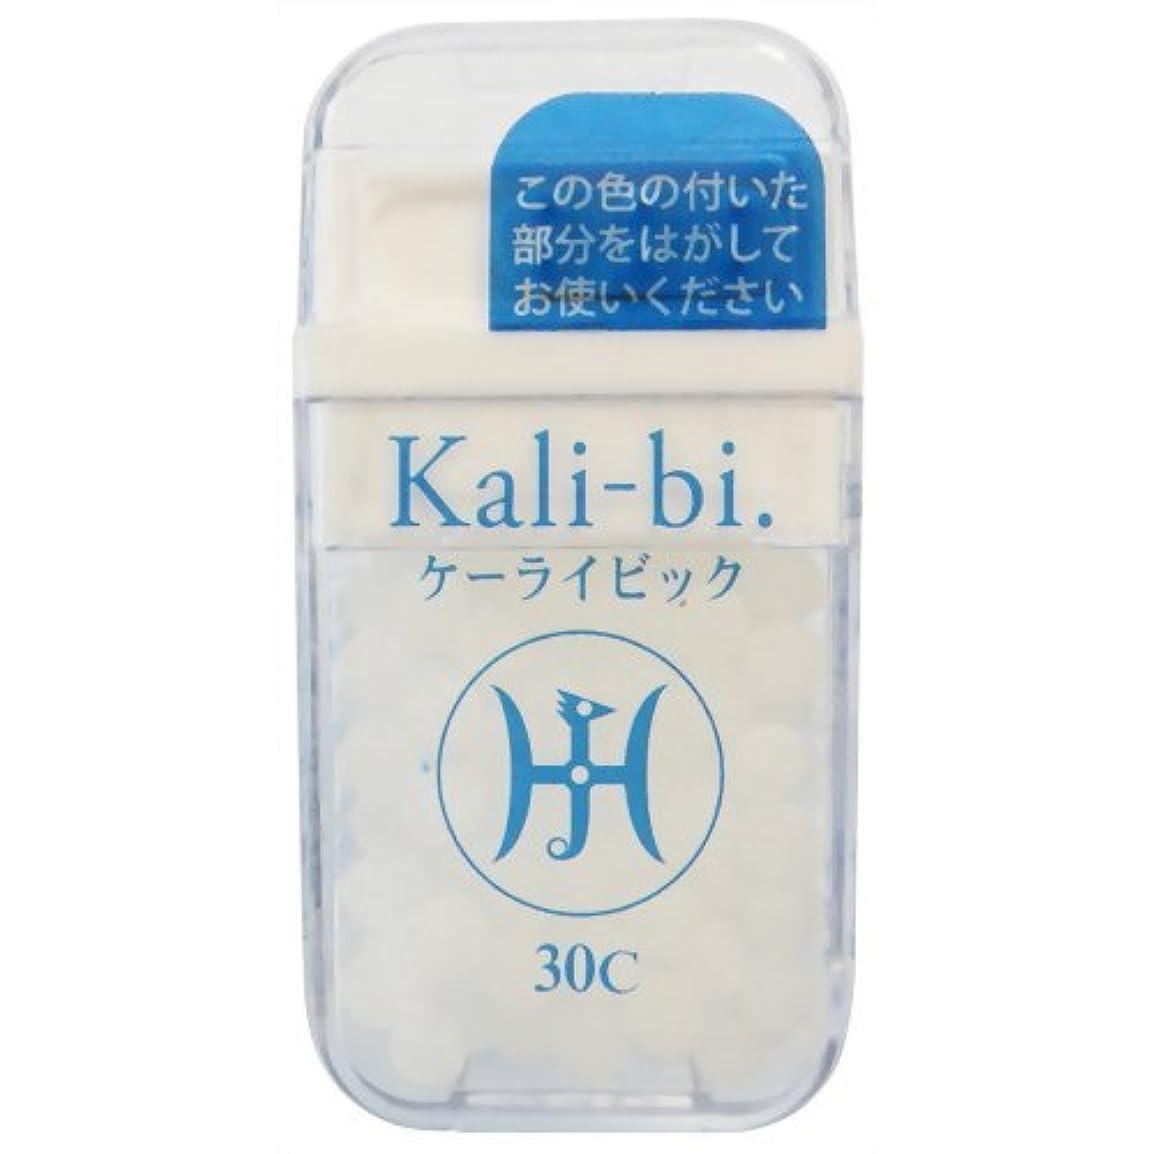 四分円シルク溶融ホメオパシージャパンレメディー Kali-bi.  ケーライビック 30C (大ビン)